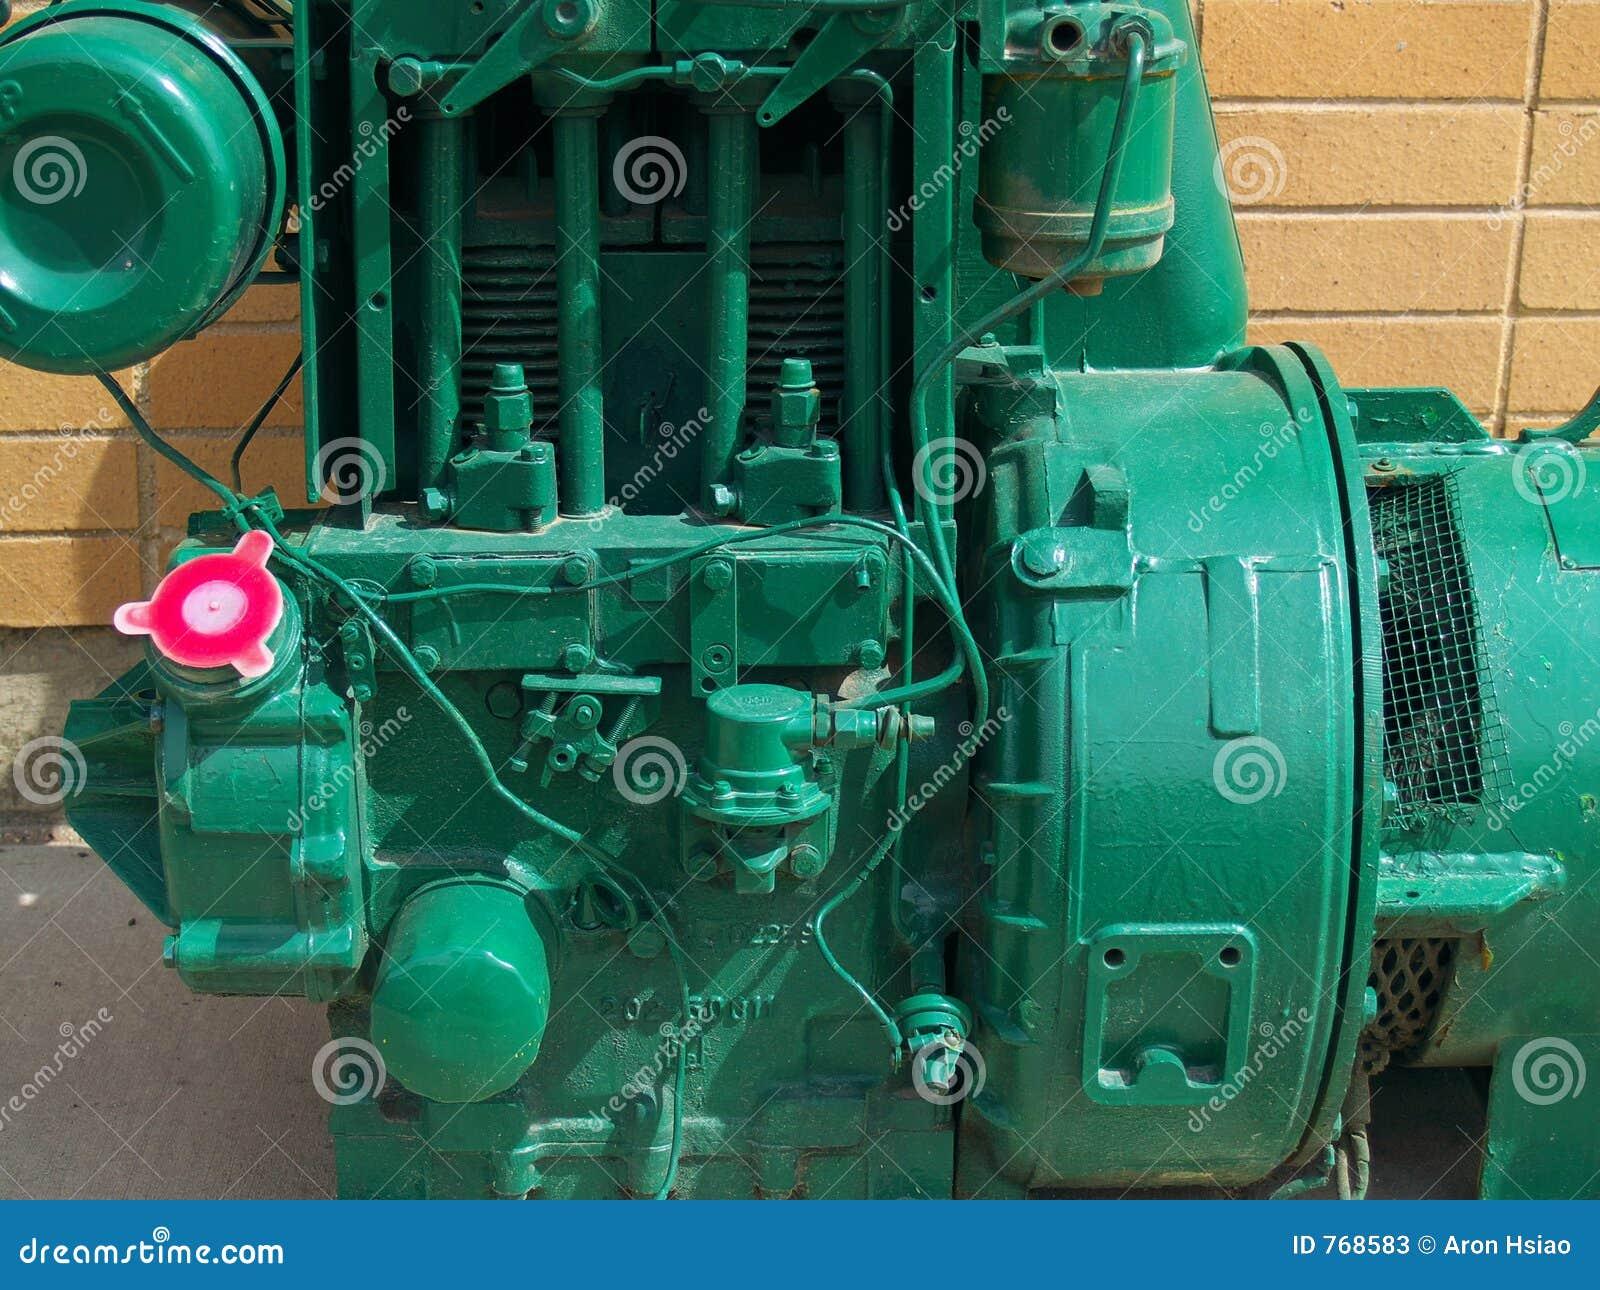 Engine industrielle peinte vert clair